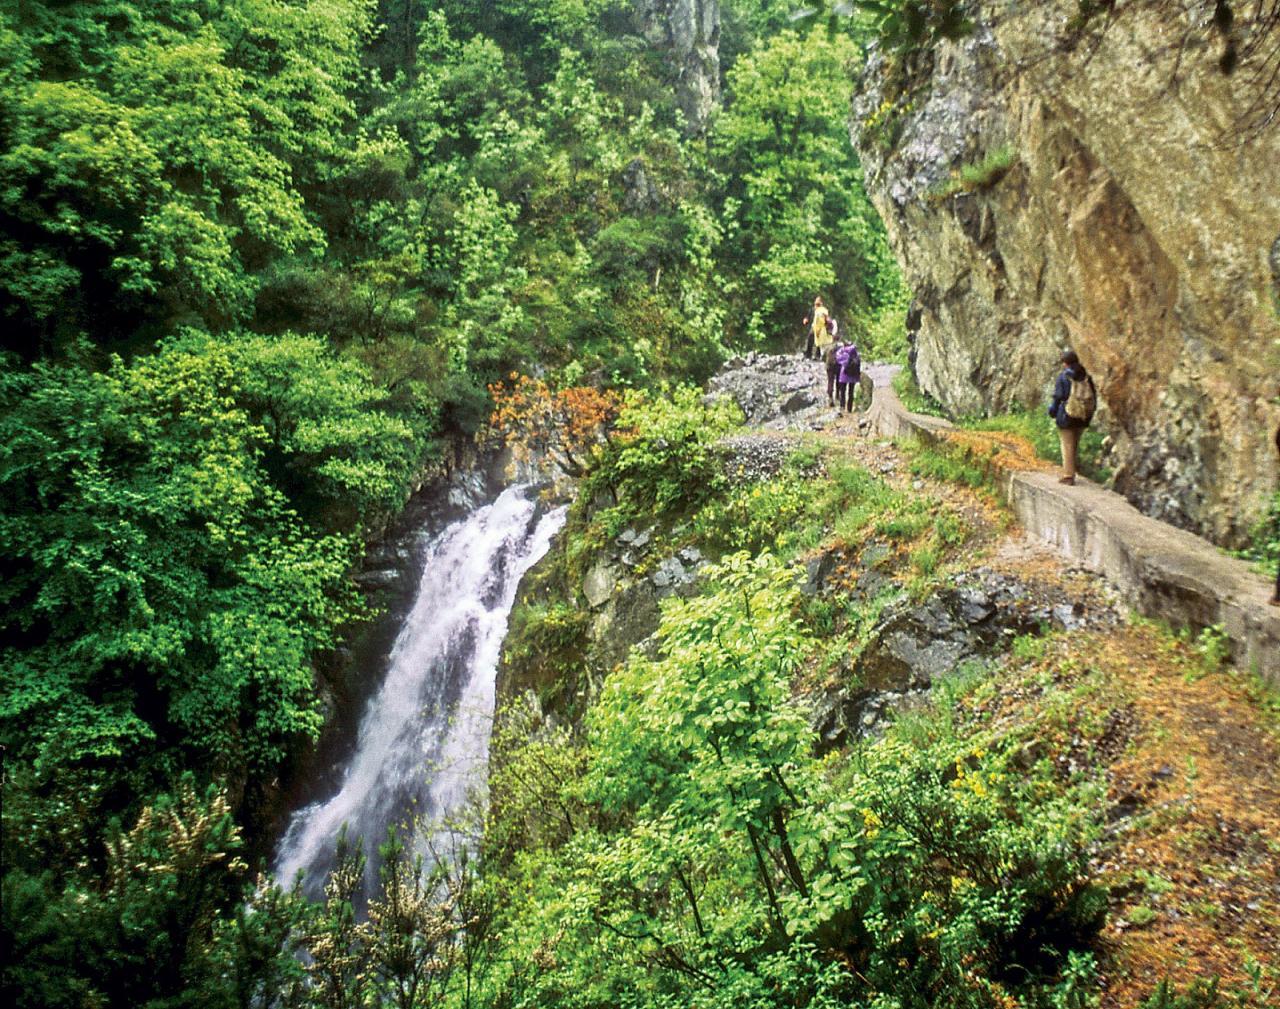 صورة الطبيعة الخلابة في تركيا , استمتع بالطبيعة الساحرة في جنة الله على الارض